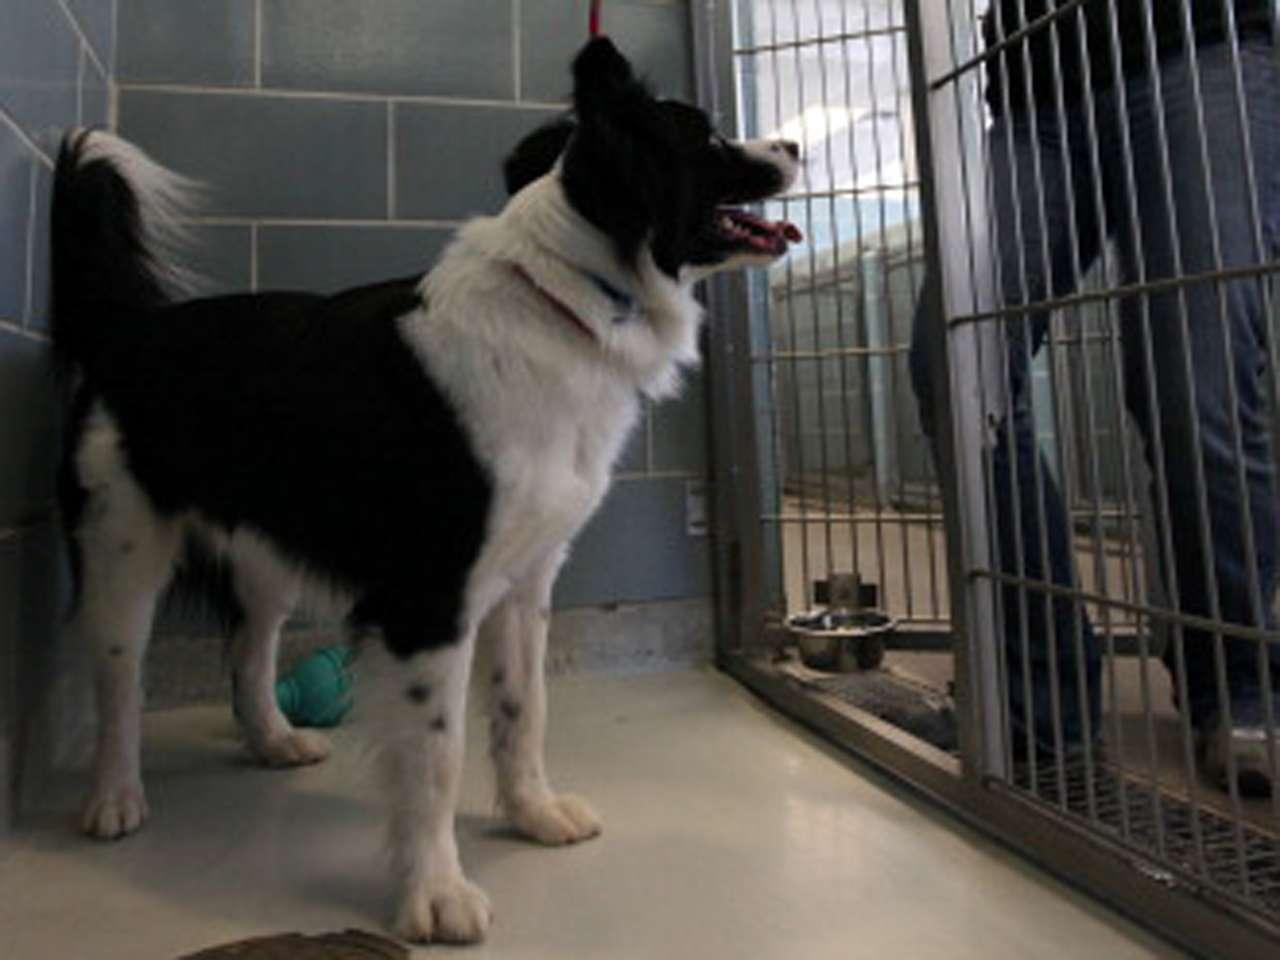 Los terapeutas, como llaman los presos a los canes, son afectuosos y dóciles. Al finalizar la sesión, los animales son conducidos por los internos a sus jaulas. Foto: Getty Images/Archivo